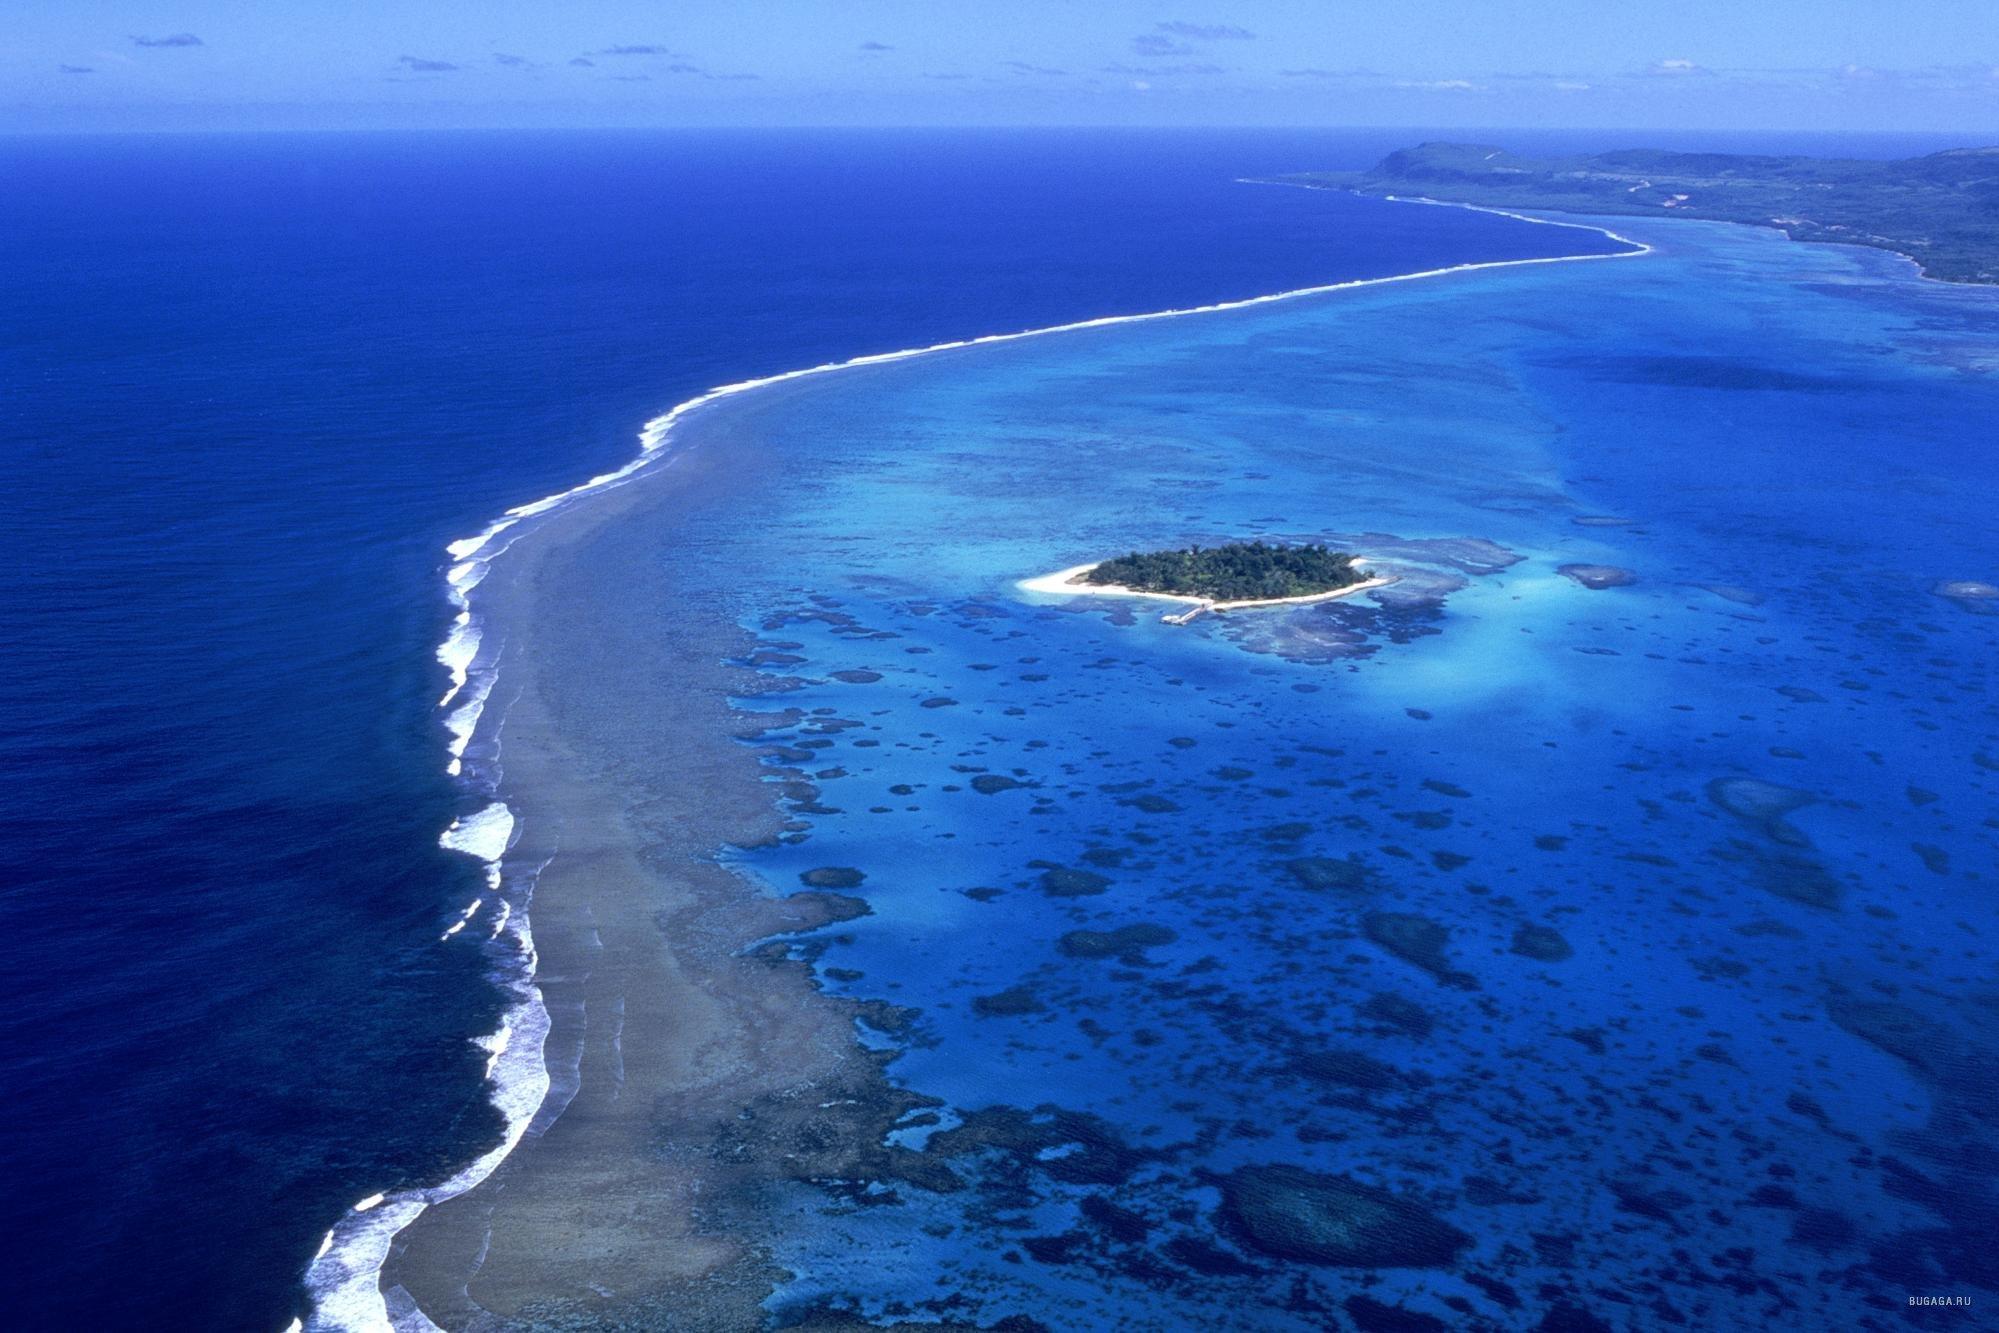 картинки мировой океан прославился, как полностью